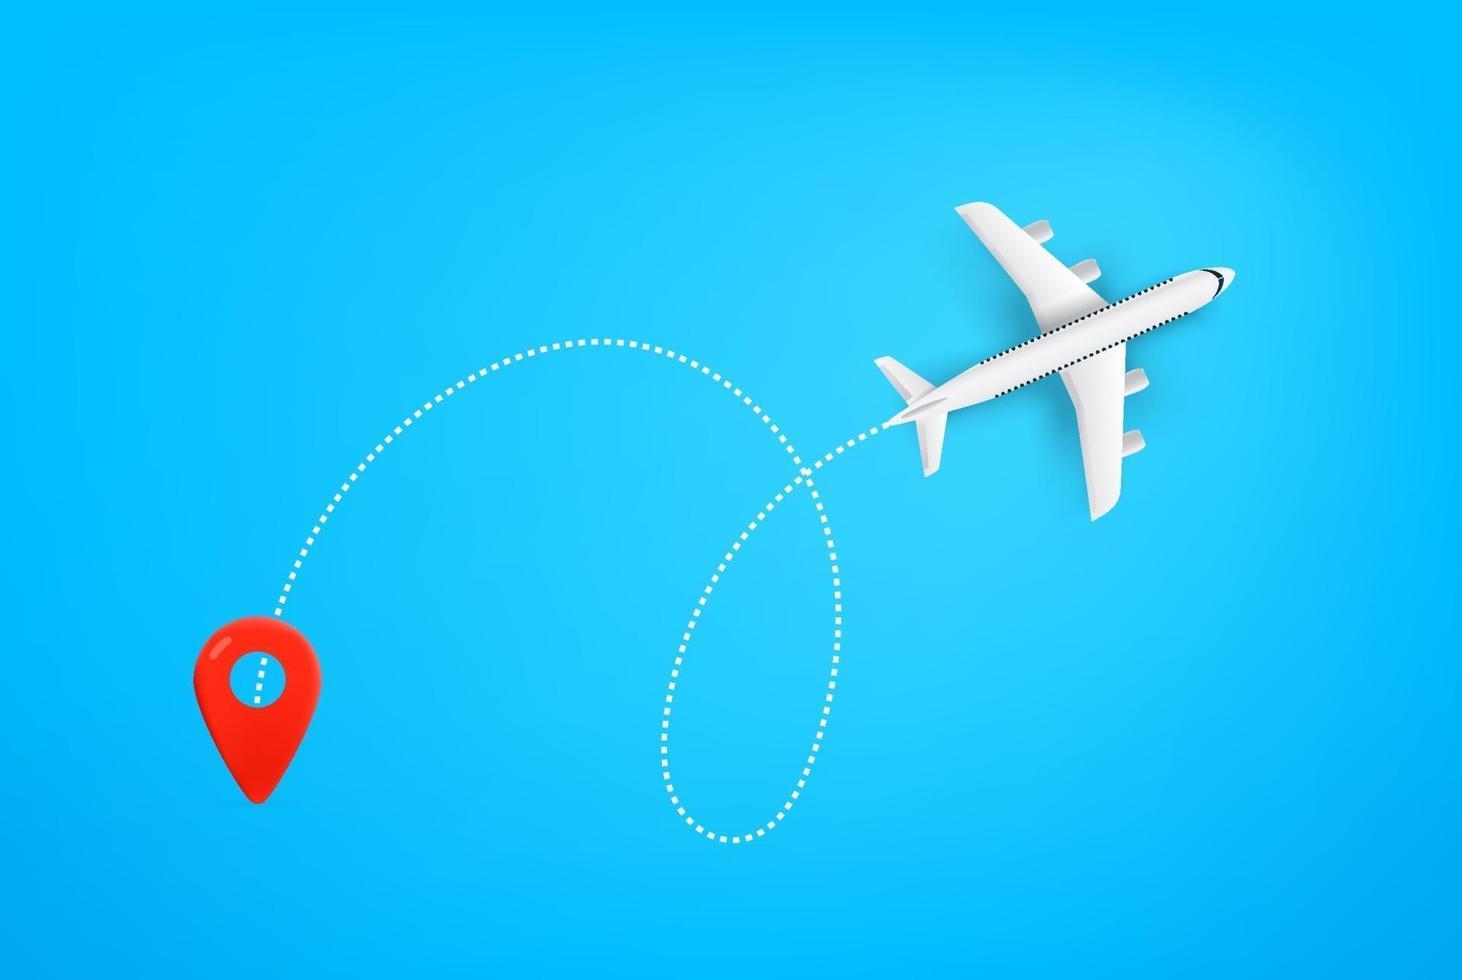 percorso aereo moderno. illustrazione vettoriale di viaggio estivo